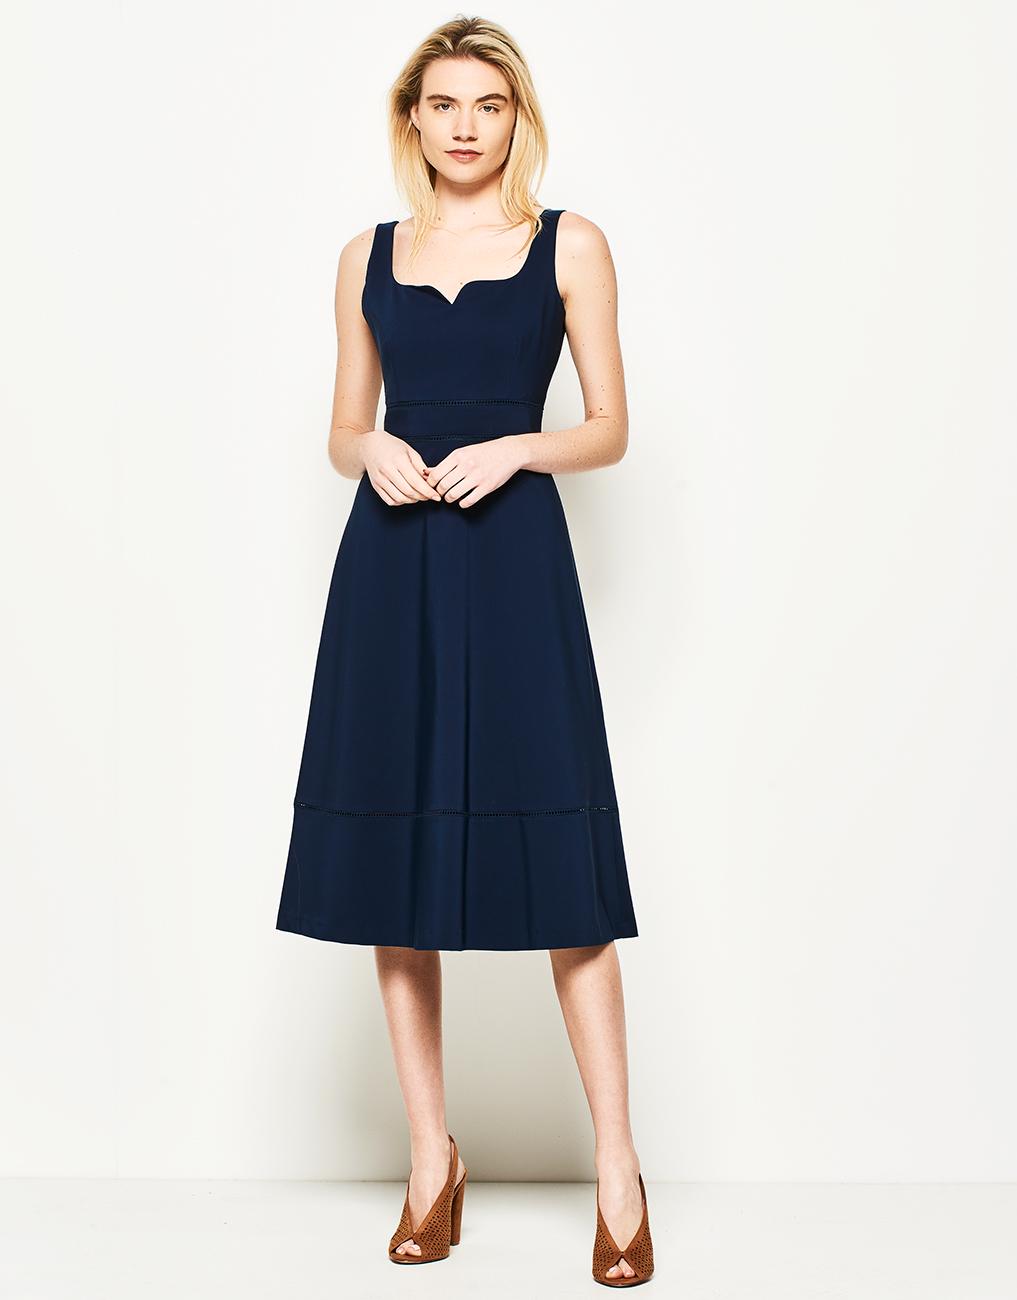 Lynne Αμάνικο εβαζέ φόρεμα - Glami.gr ed23c8e97a3